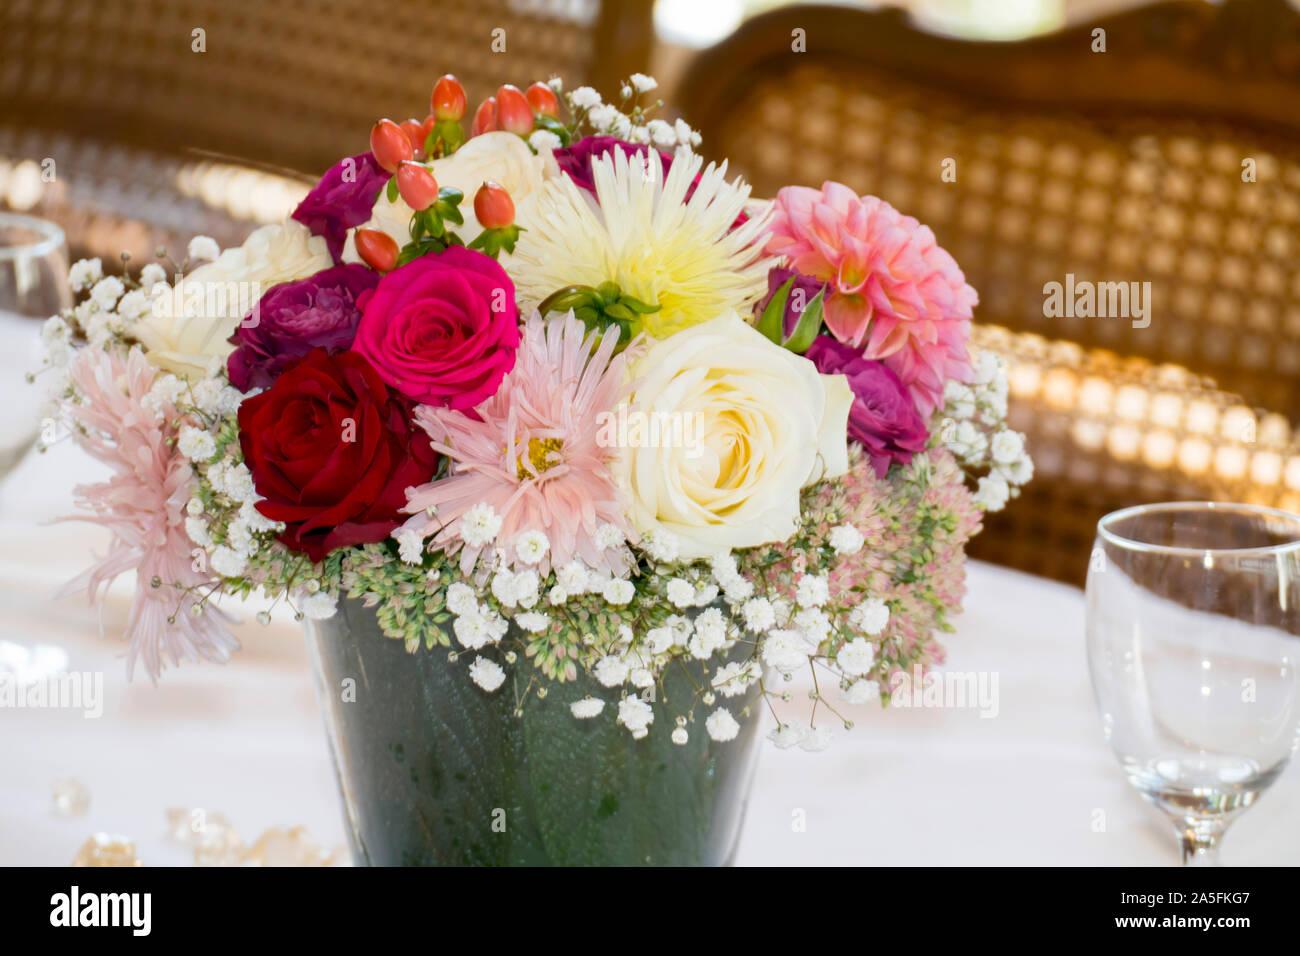 Blumenstrauß mit Rosen und Wiesenblumen festlich arrangiert Stock Photo